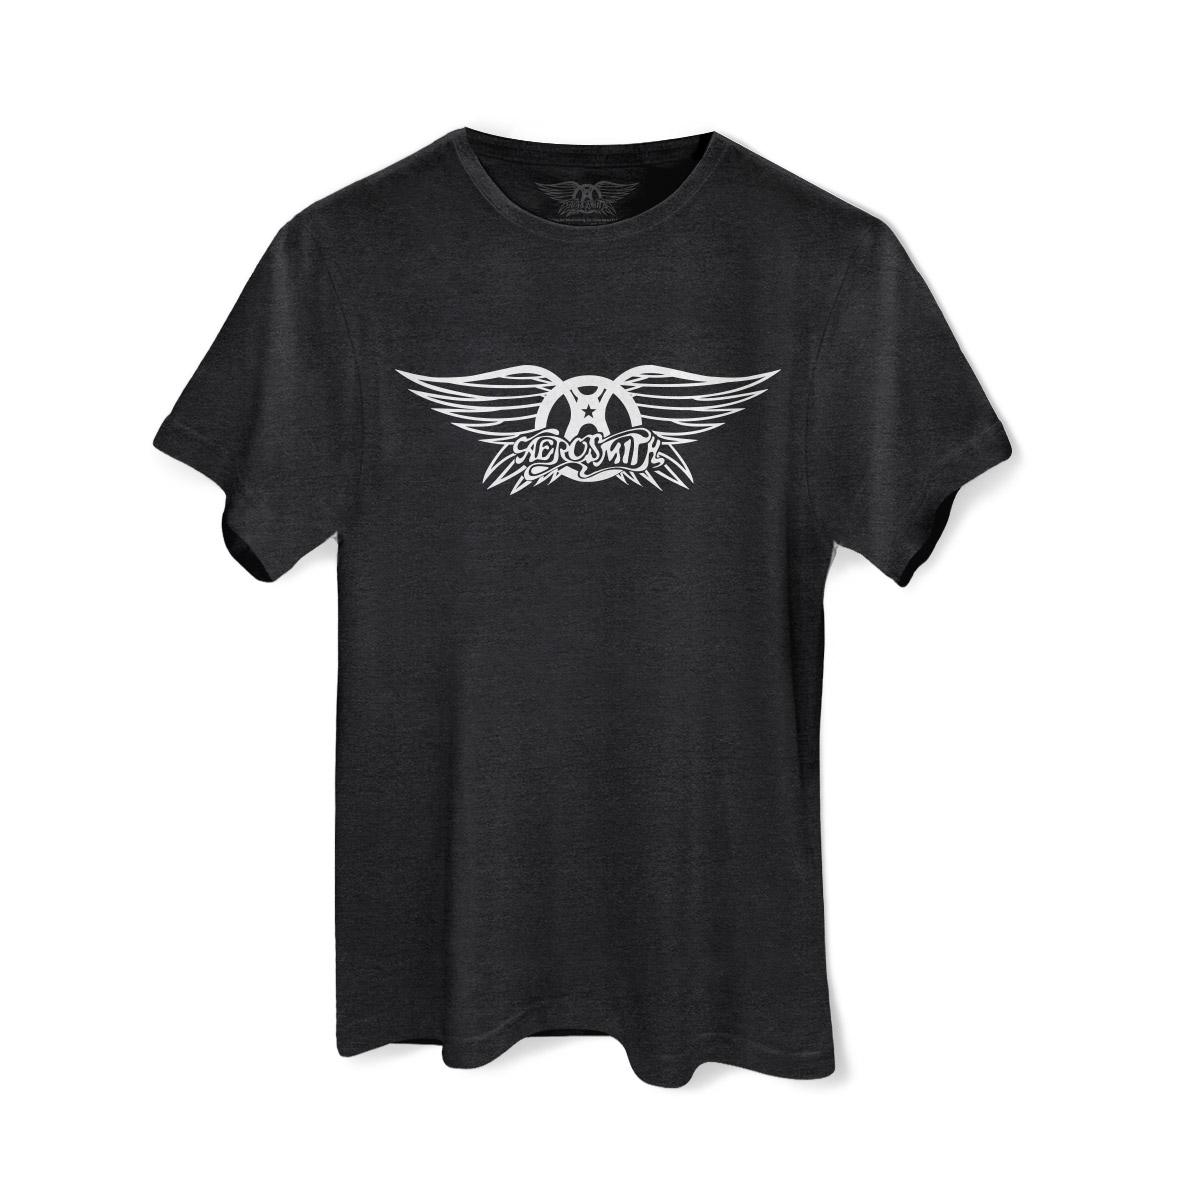 Camiseta Masculina Aerosmith Logo